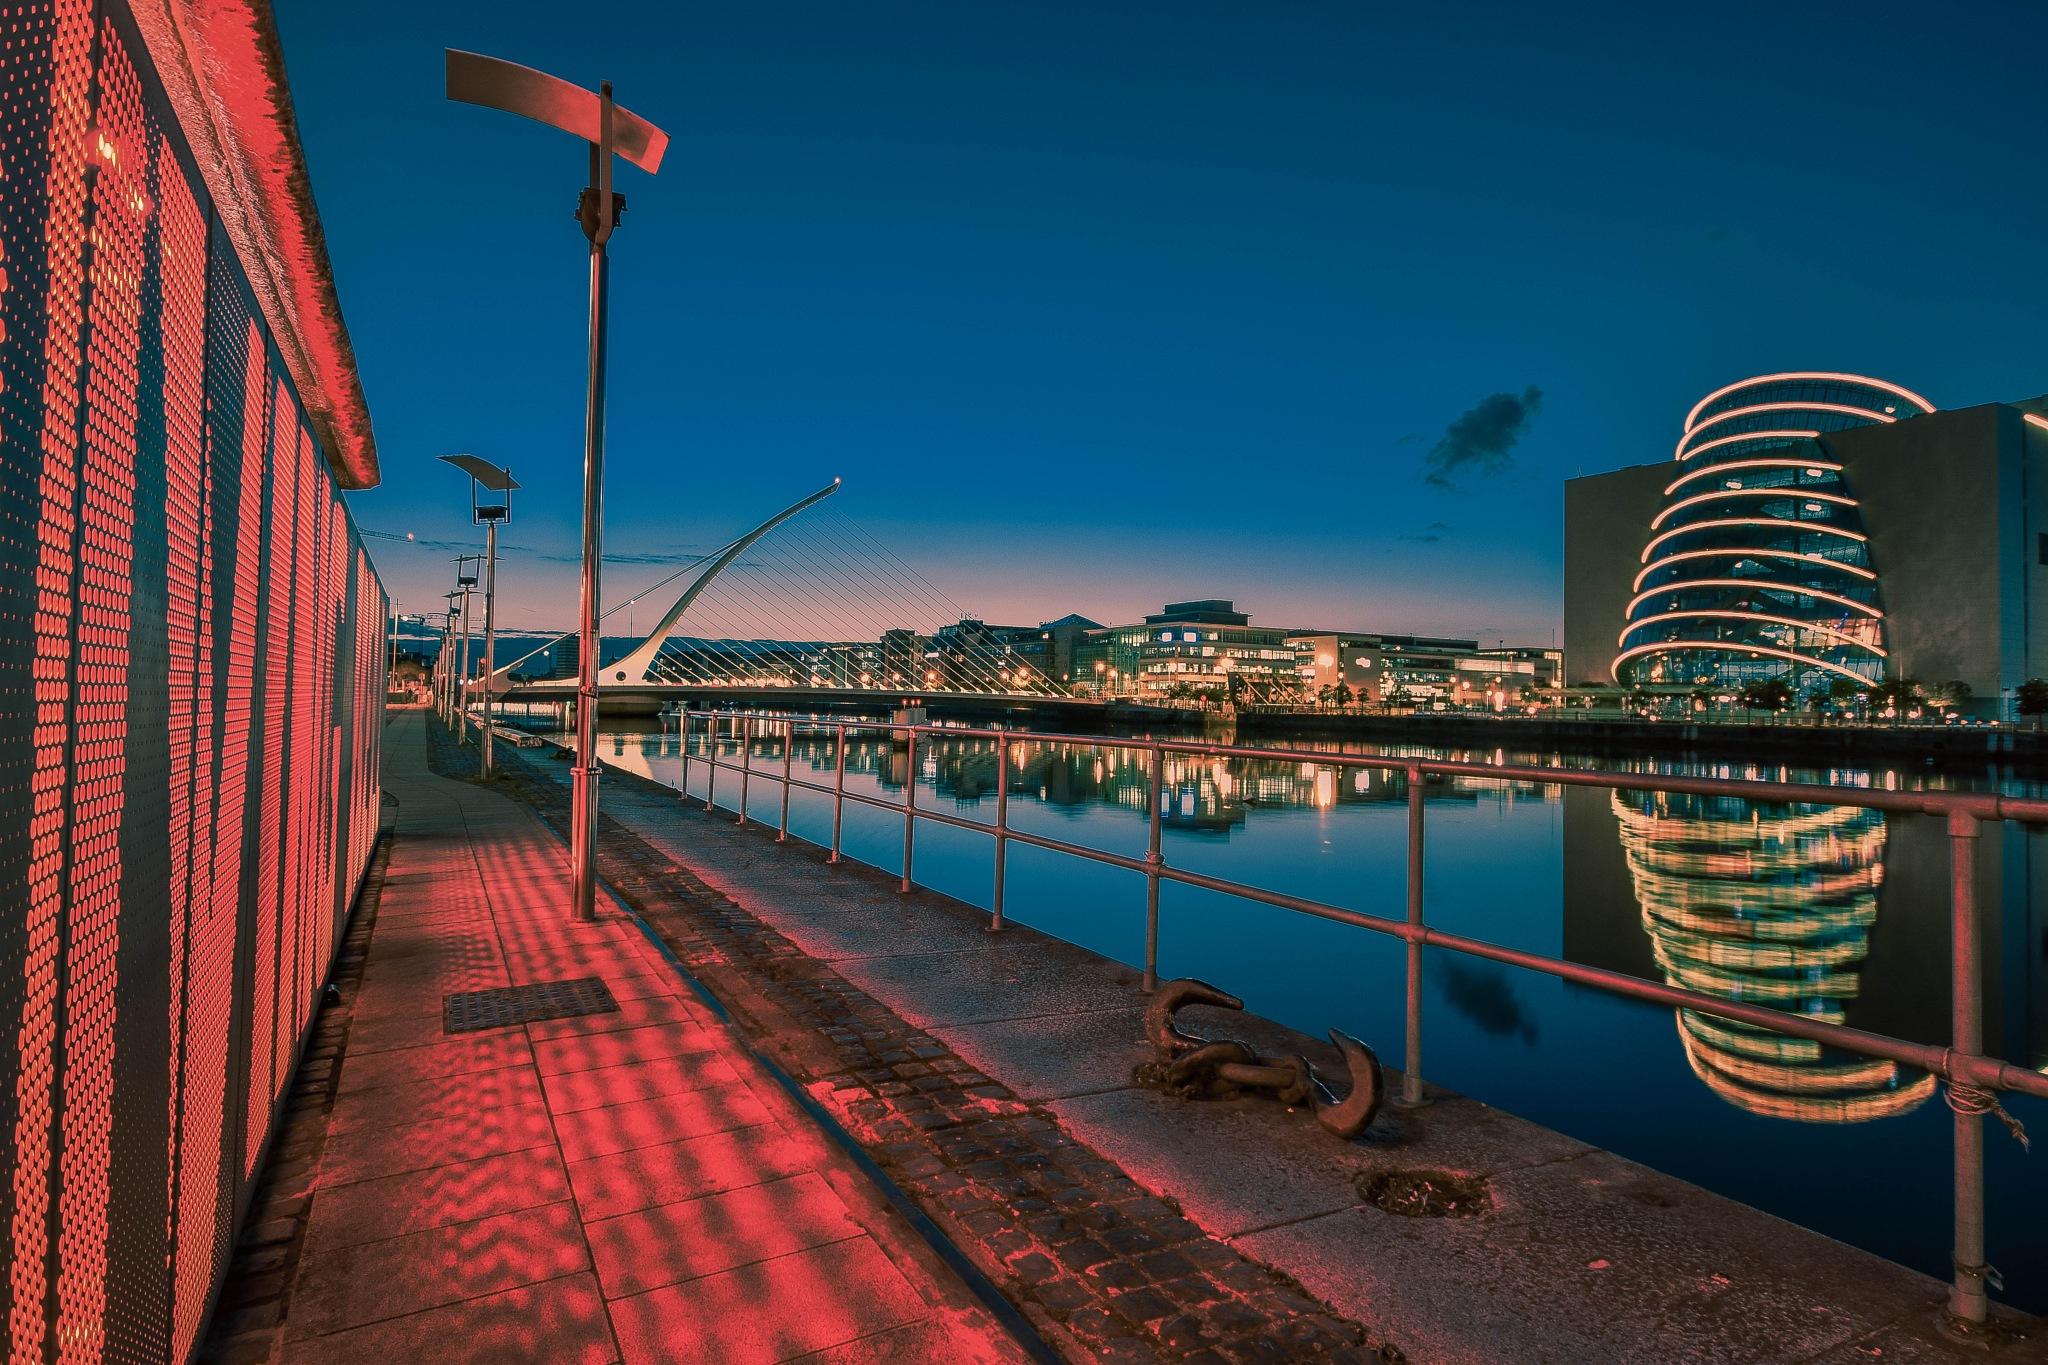 city lights by arthur.filip